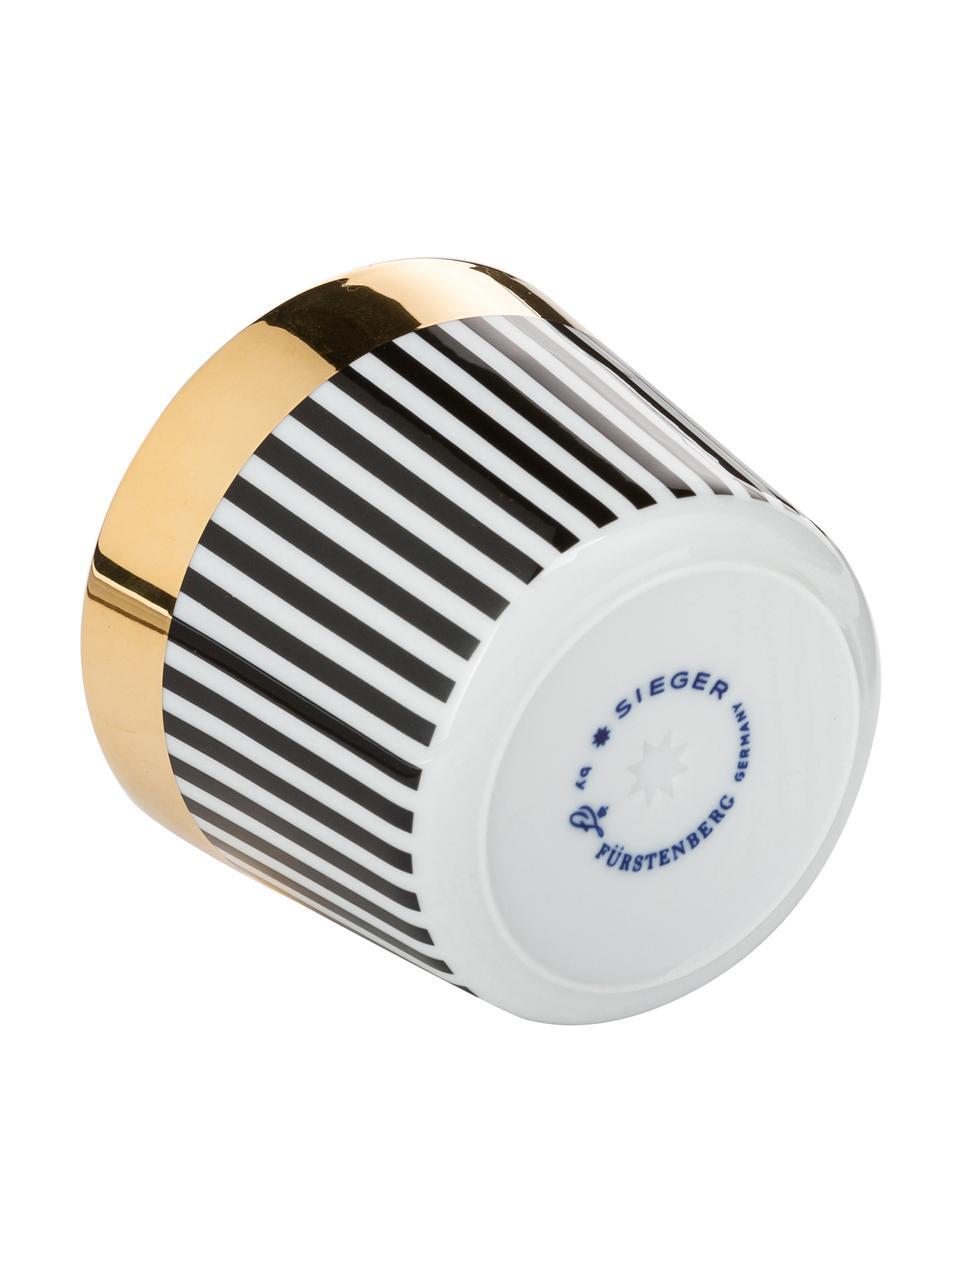 Coupe à champagne porcelaine dorée à l'or véritable Sip of Gold, Noir, blanc, or